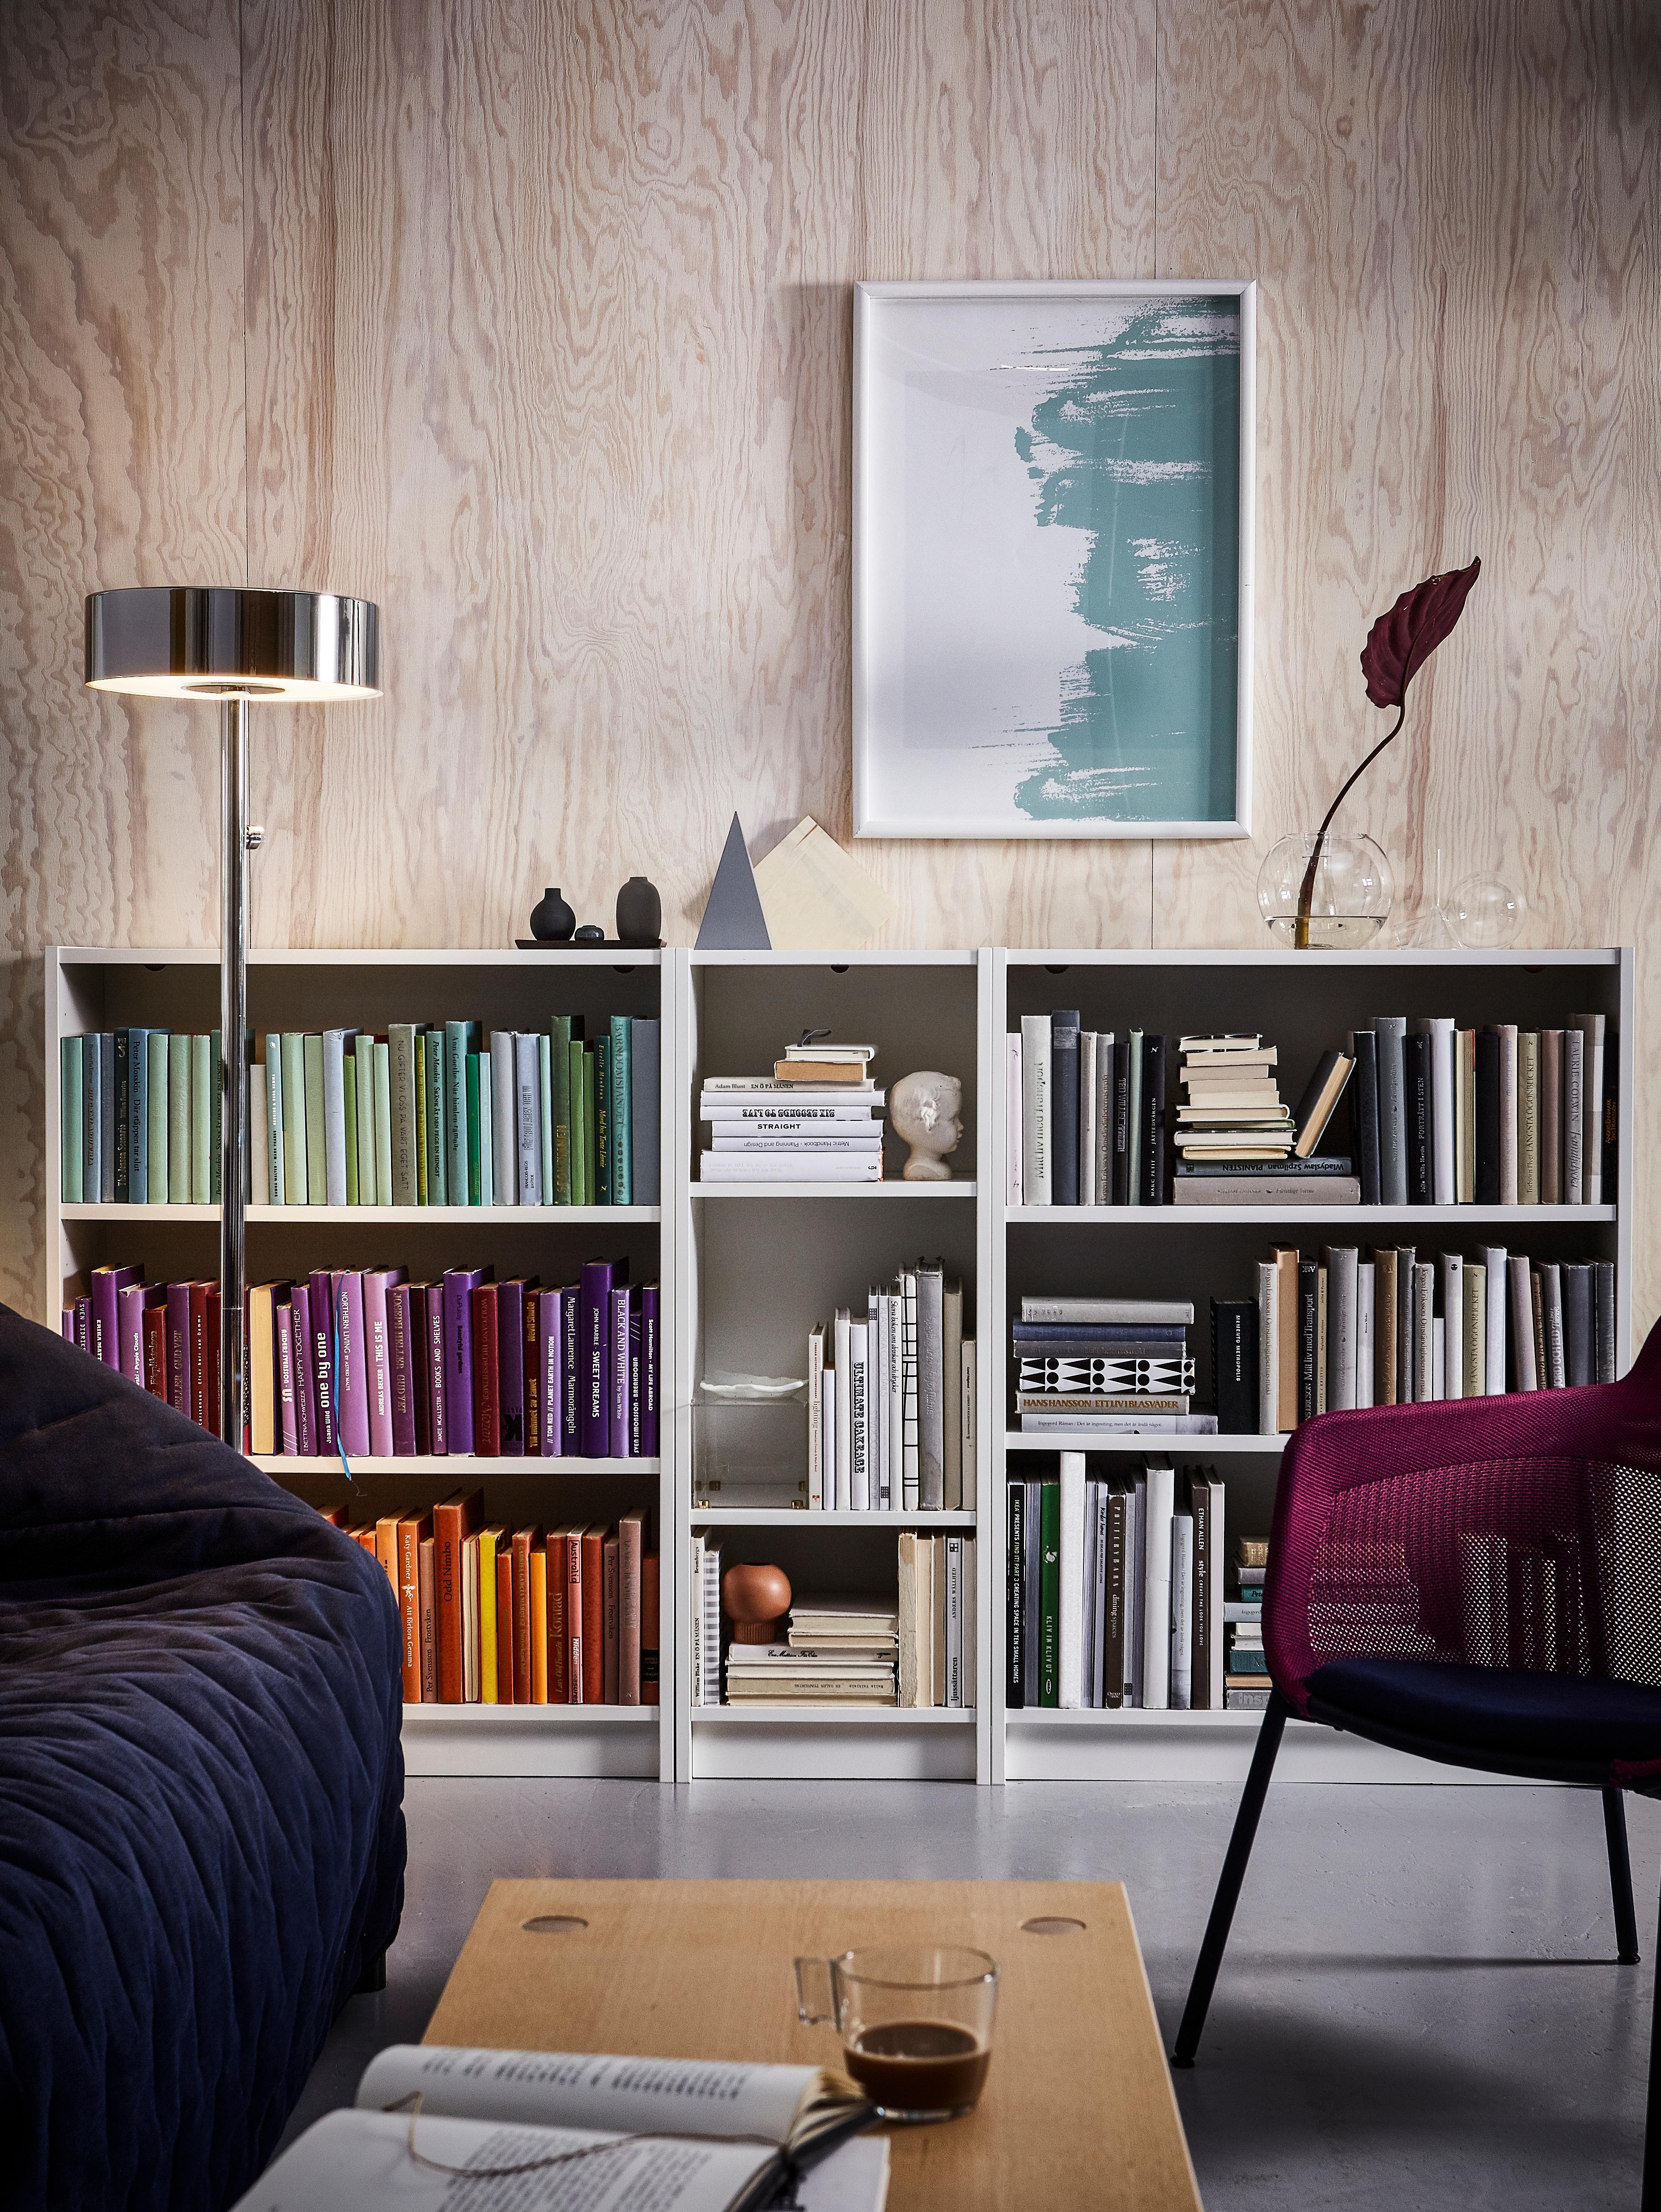 Tres estantes BILLY nun salón rosa cheo de libros de cores. Un sofá azul mariño e unha cadeira morada están diante.